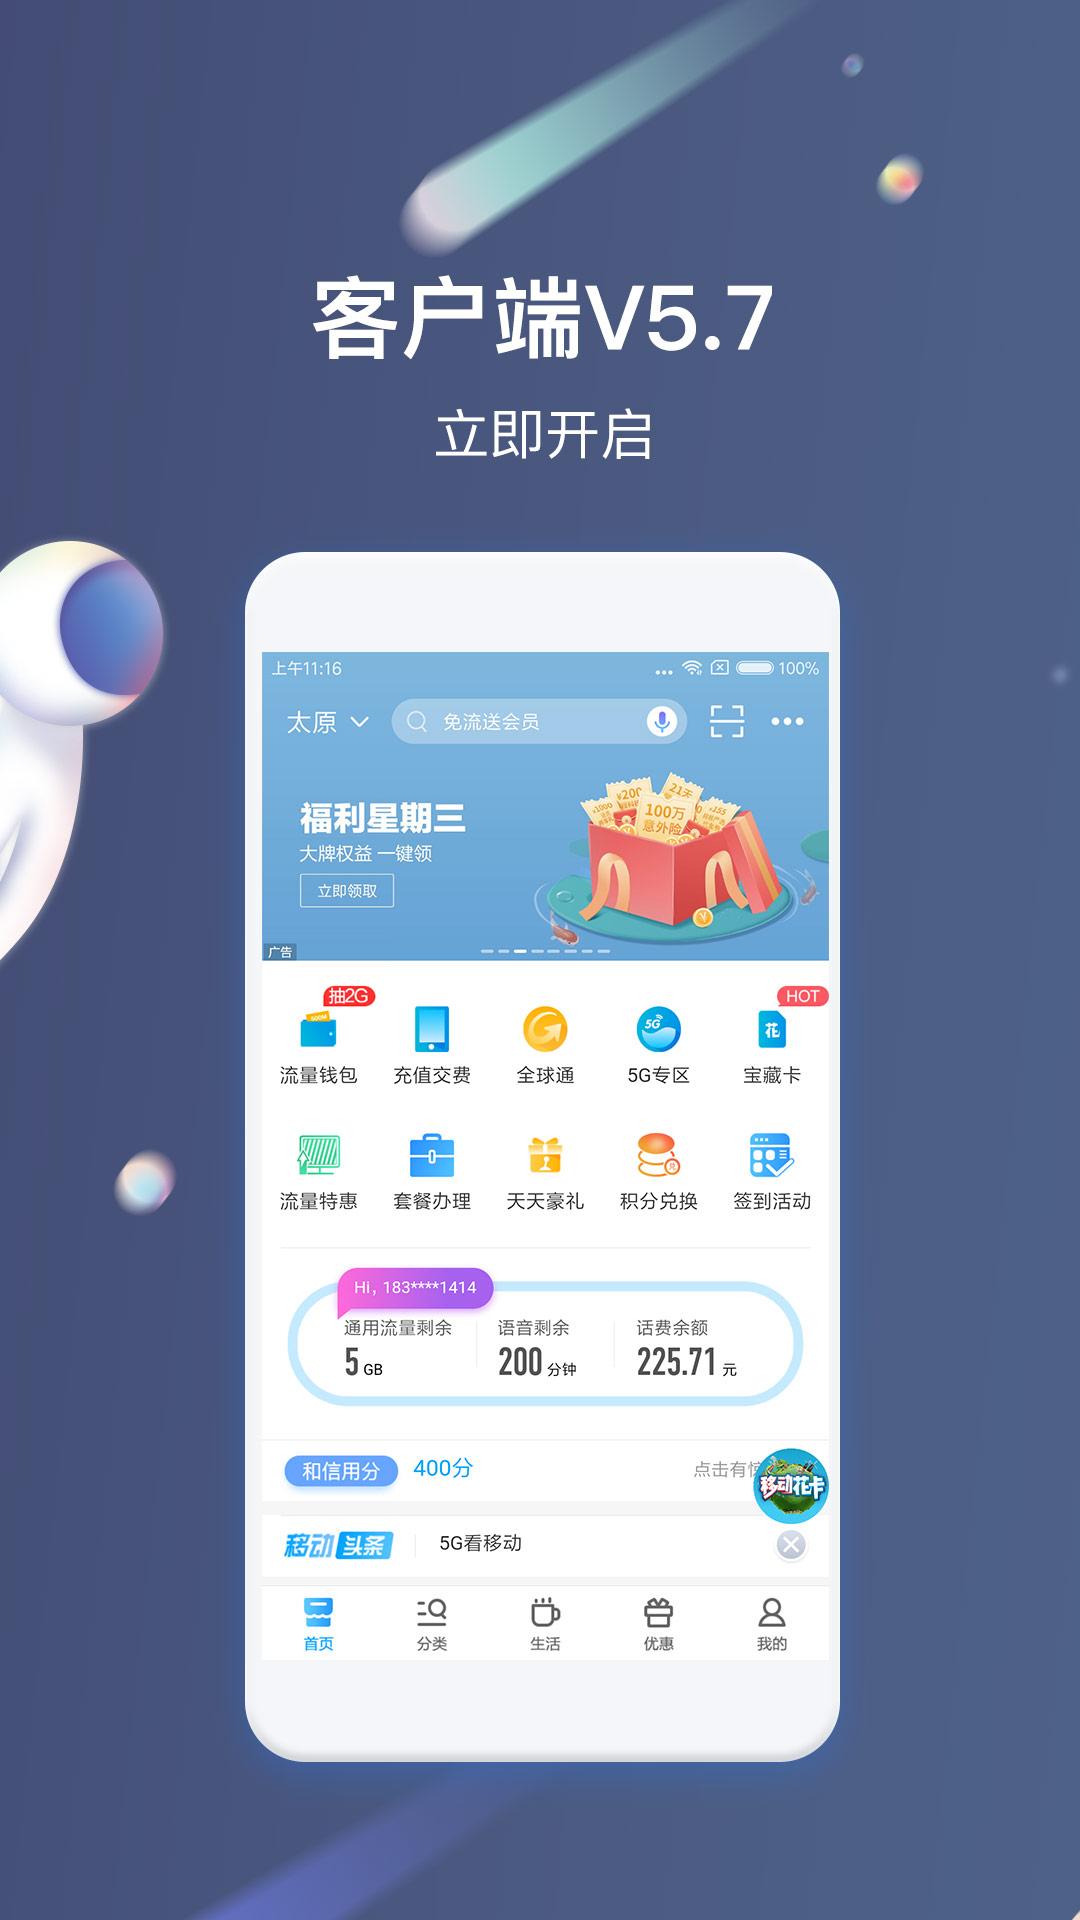 中国移动官方商城_中国移动免费下载_华为应用市场 中国移动安卓版(5.7.0)下载